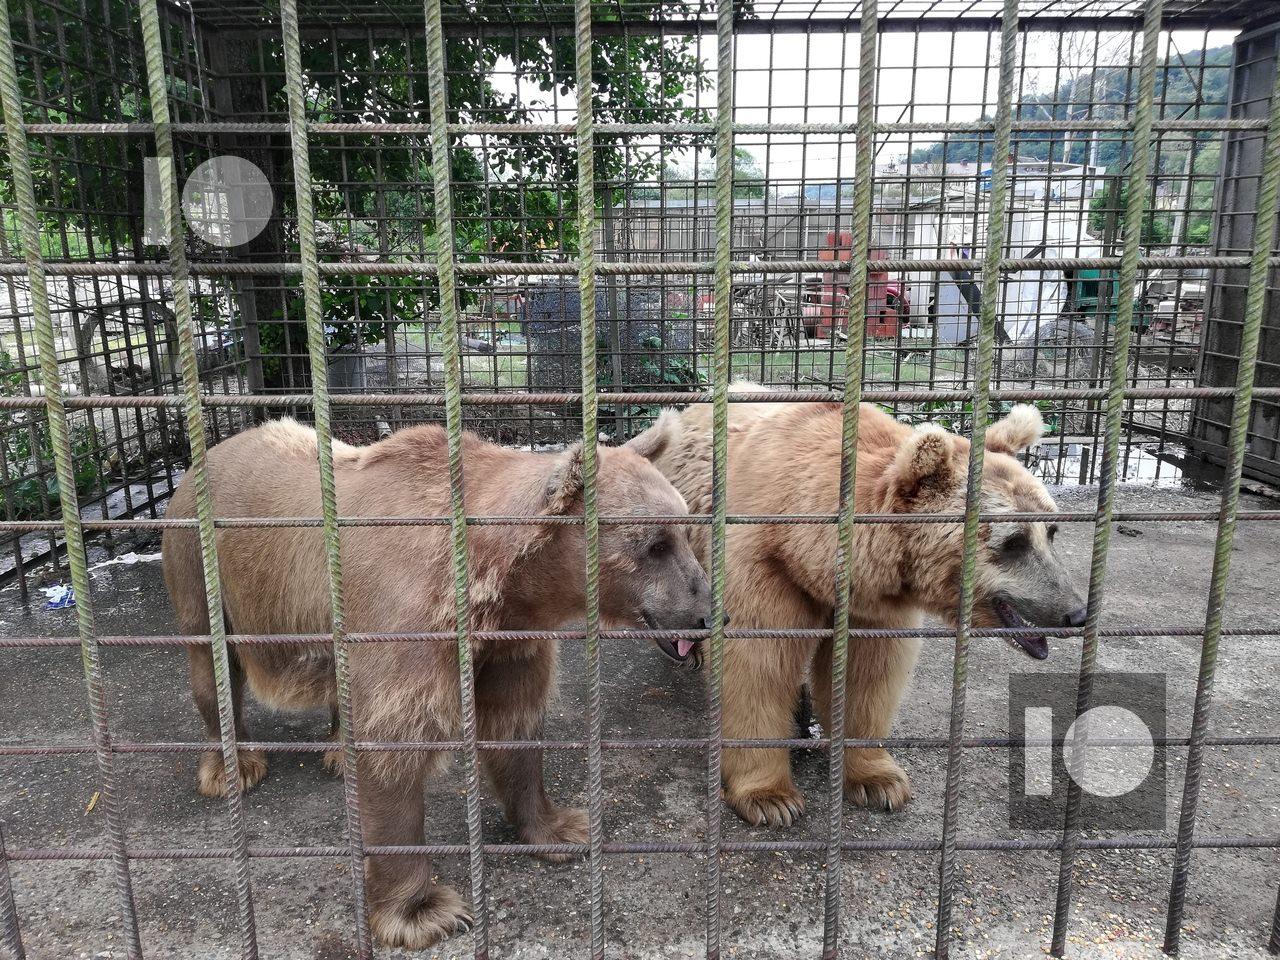 Вольер в Сочи, где жили растерзавшие мальчика медведи, был построен незаконно